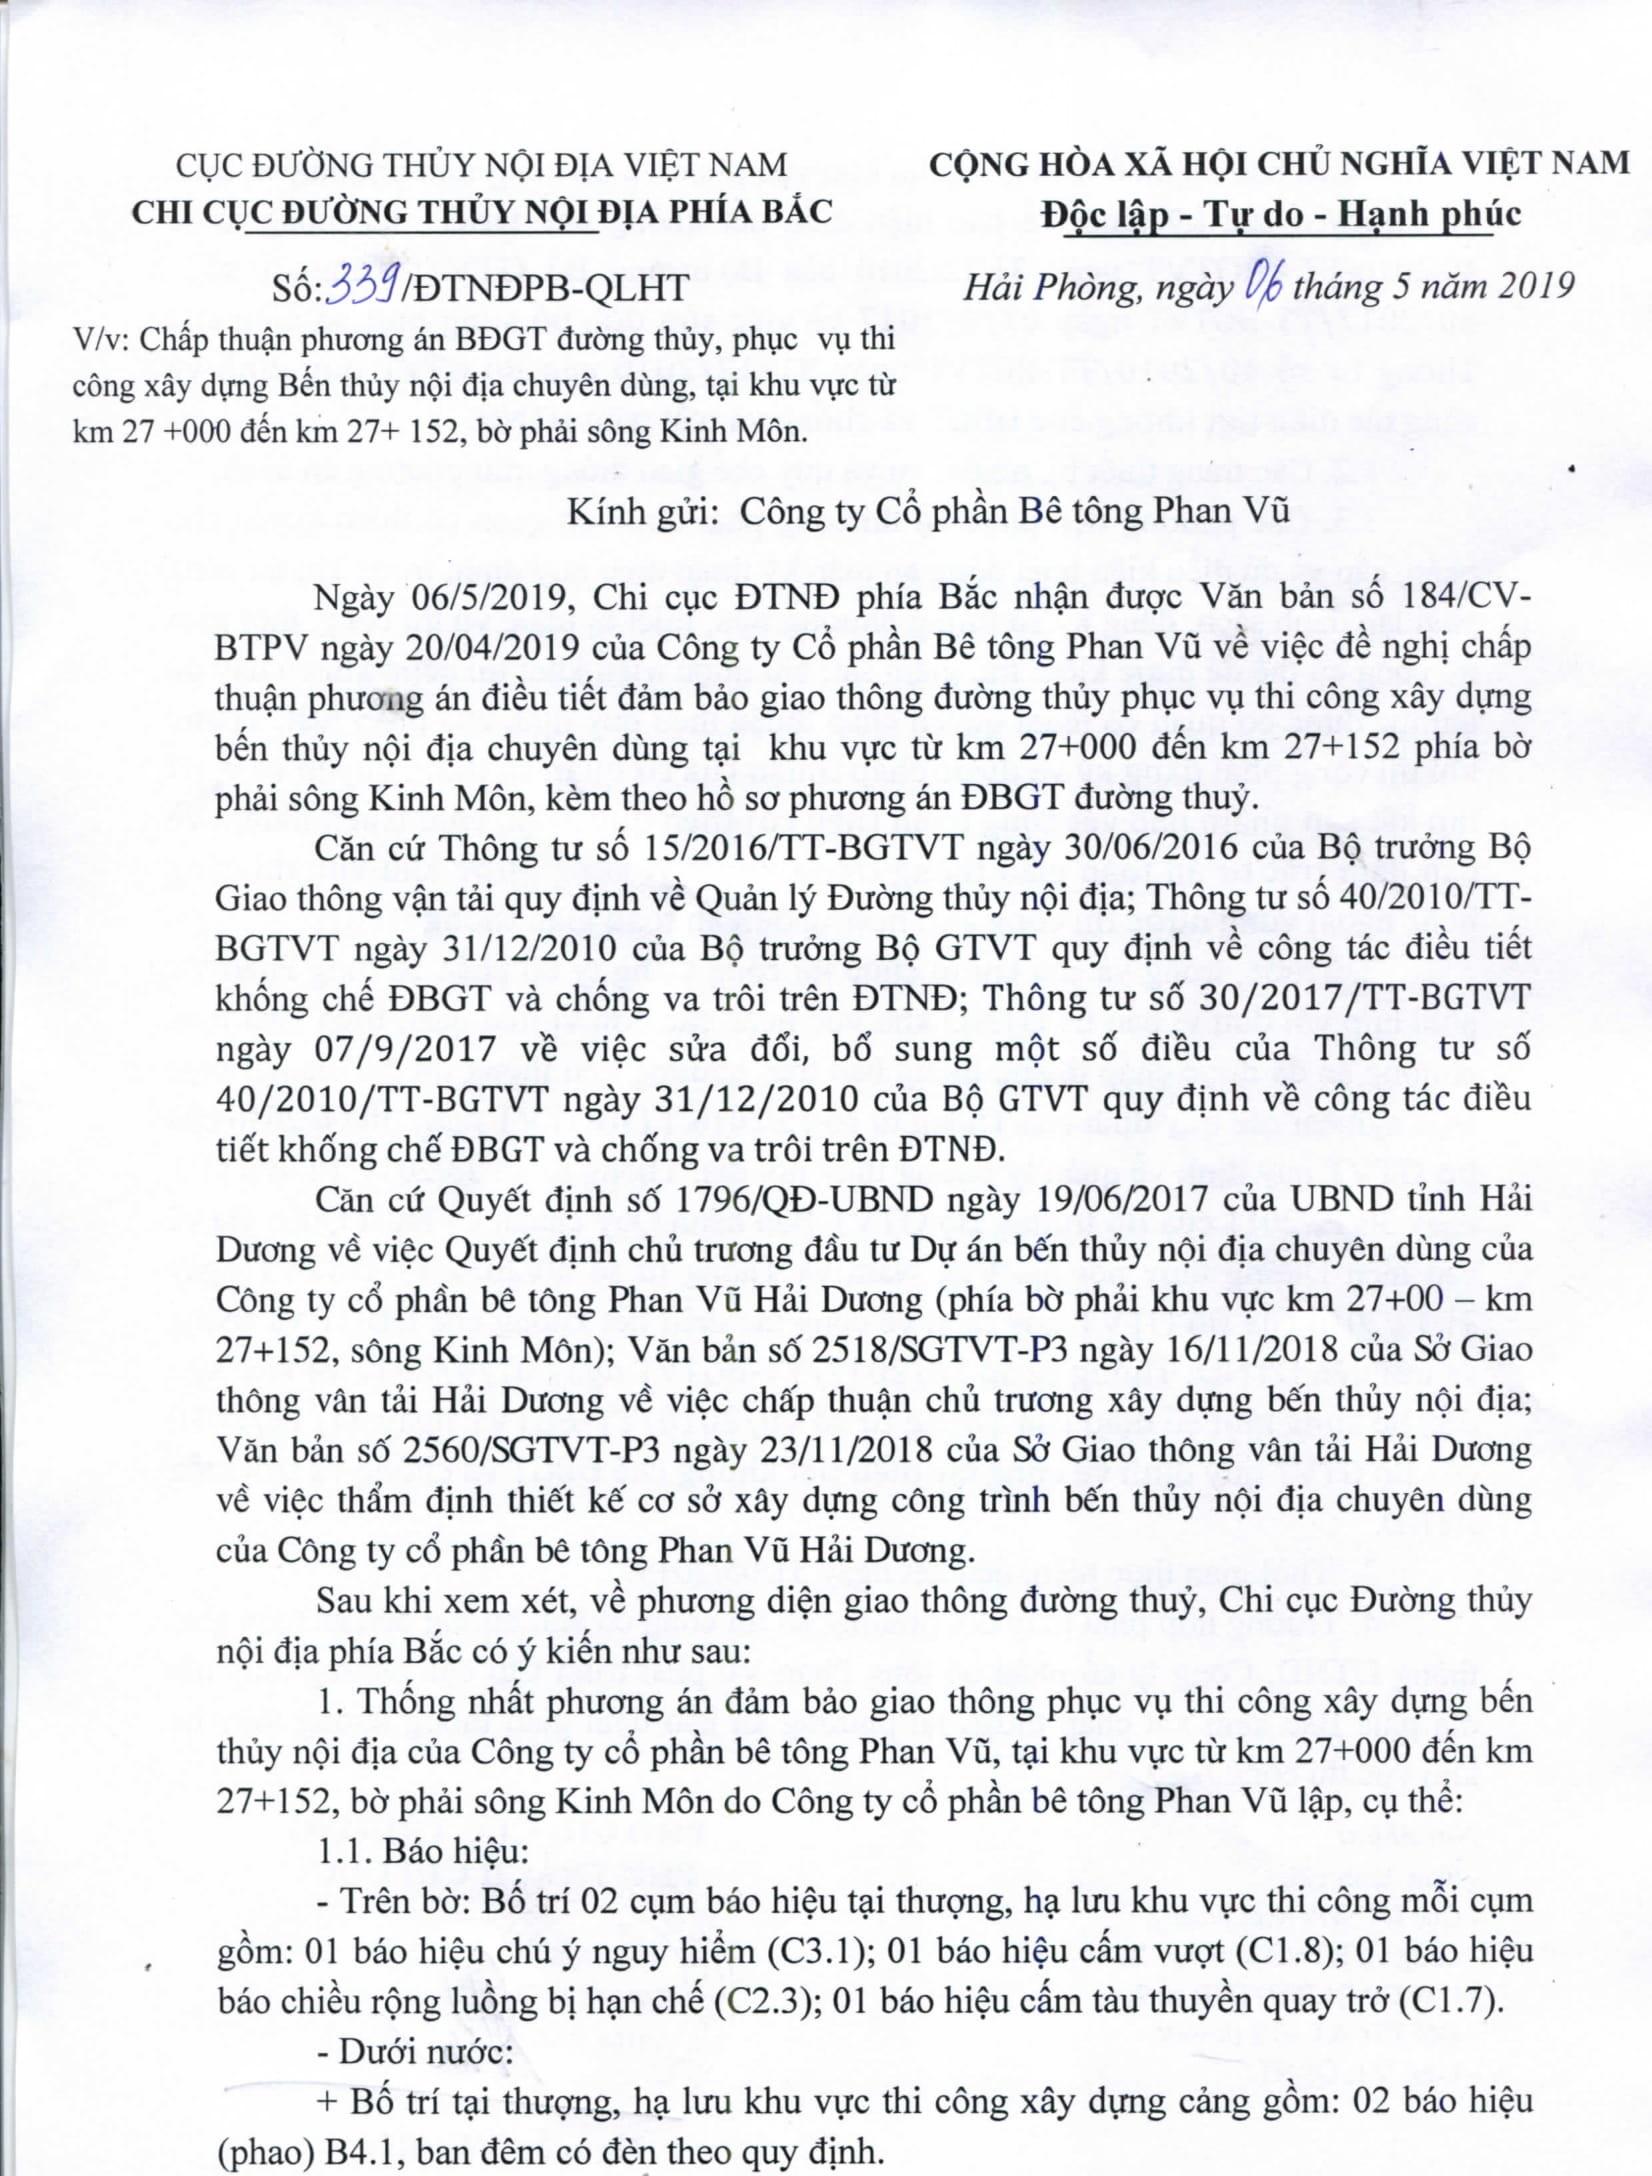 Chấp thuận PA điều tiết bảo đảm GTĐT phục vụ thi công xây dựng Bến thủy nội địa chuyên dùng, tại khu vực từ km 27 +000 đến km 27 +152, bờ phải sông Kinh Môn